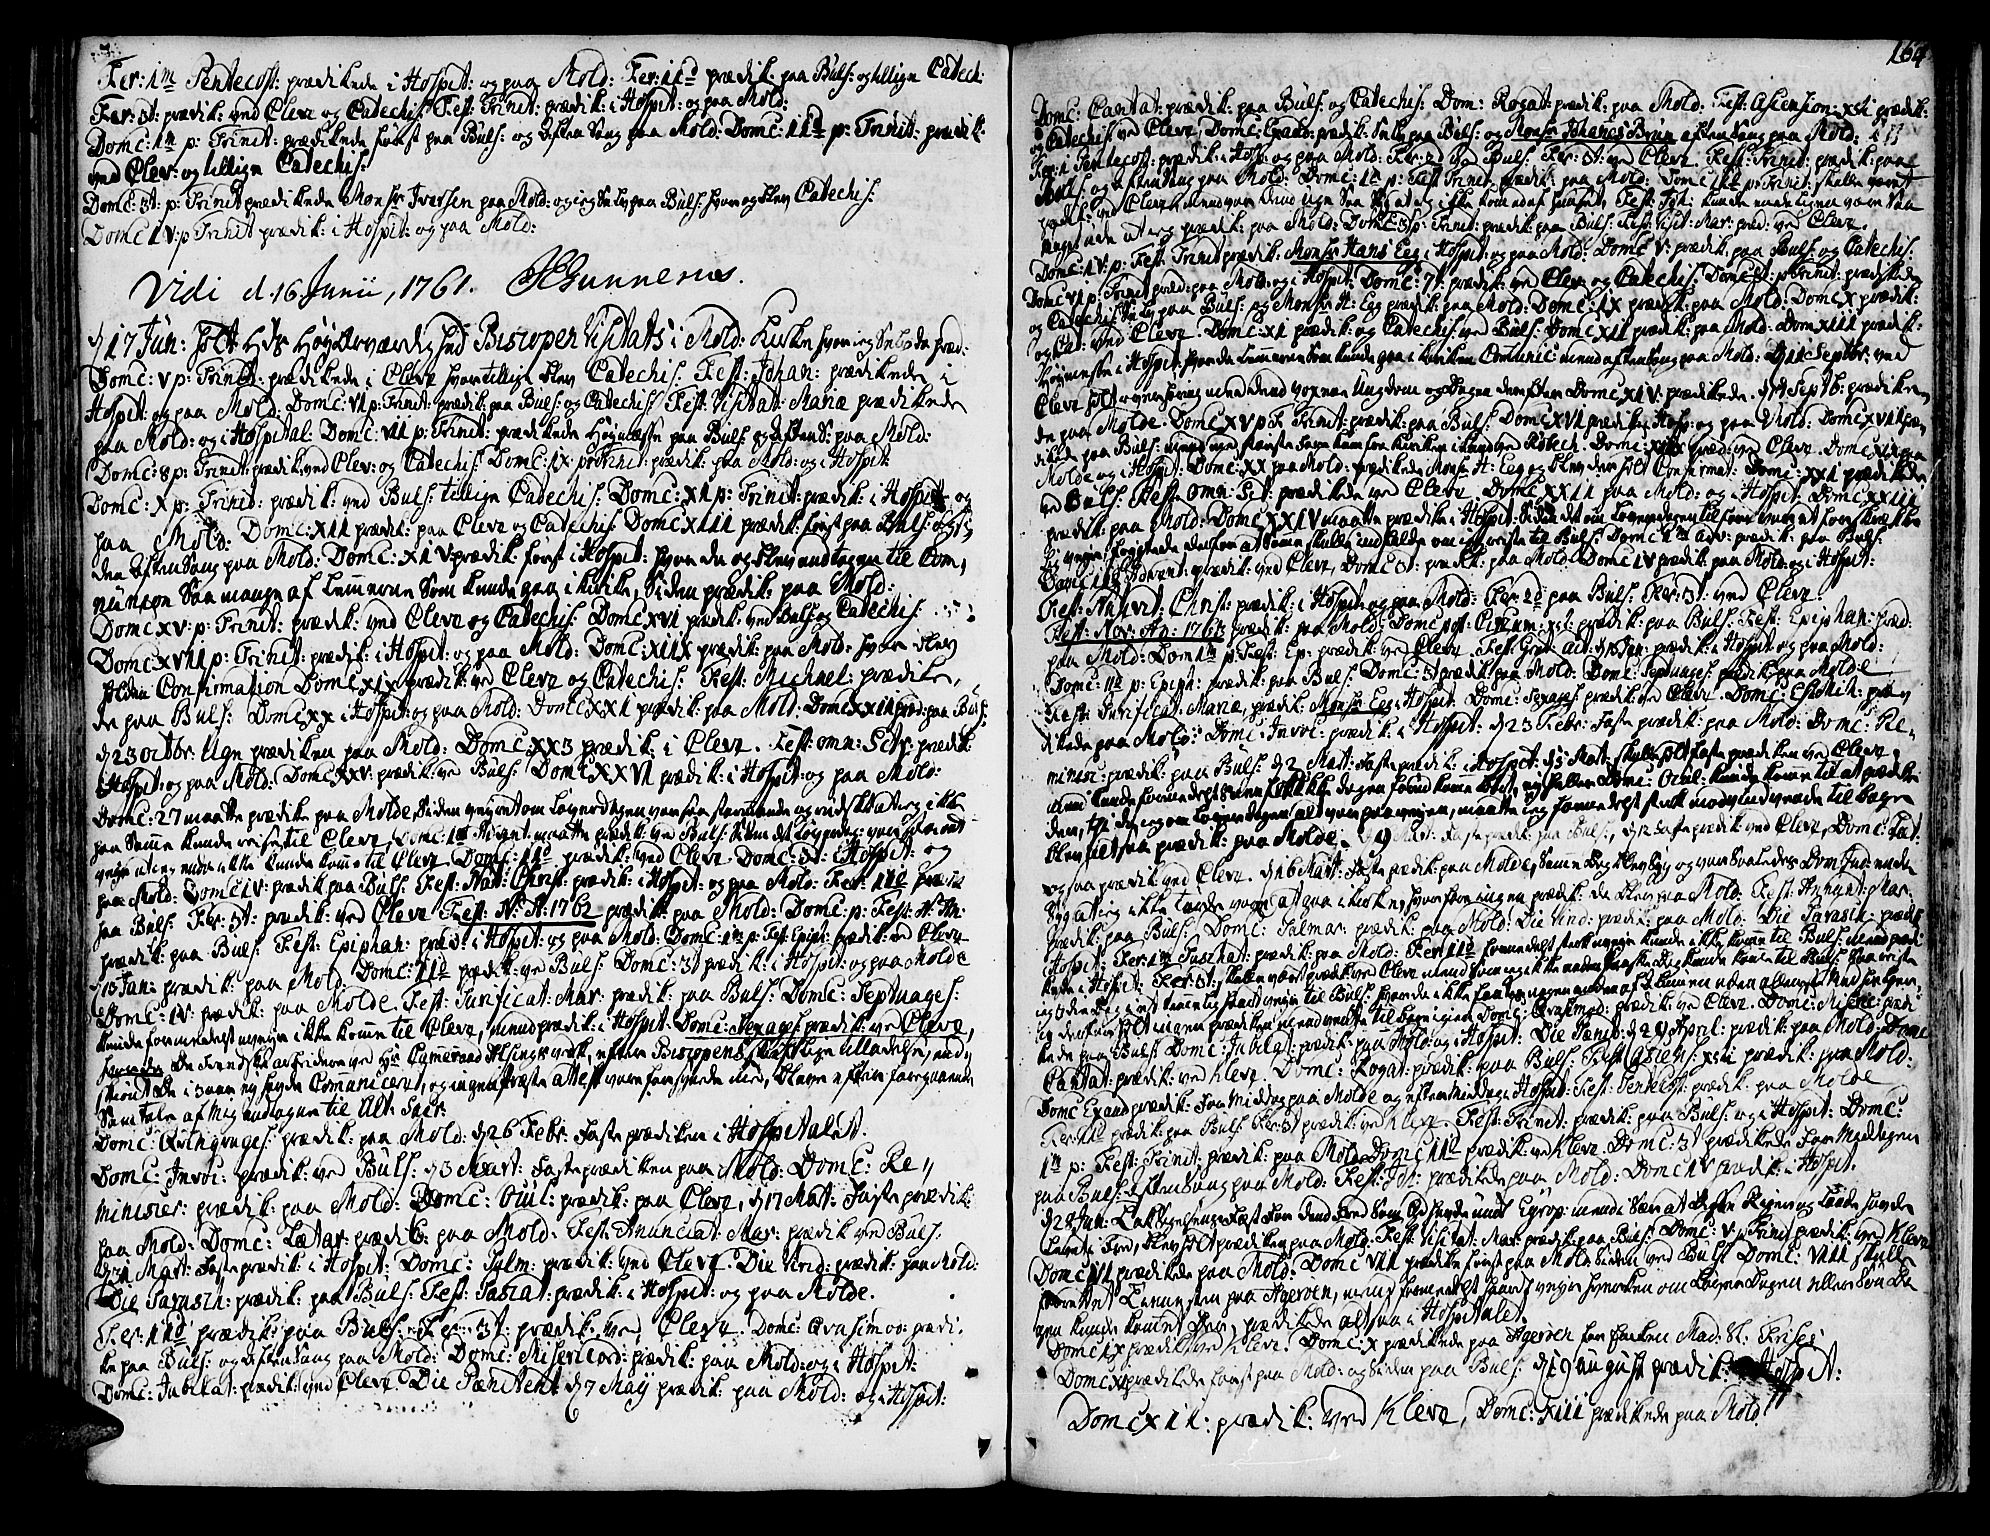 SAT, Ministerialprotokoller, klokkerbøker og fødselsregistre - Møre og Romsdal, 555/L0648: Ministerialbok nr. 555A01, 1759-1793, s. 164